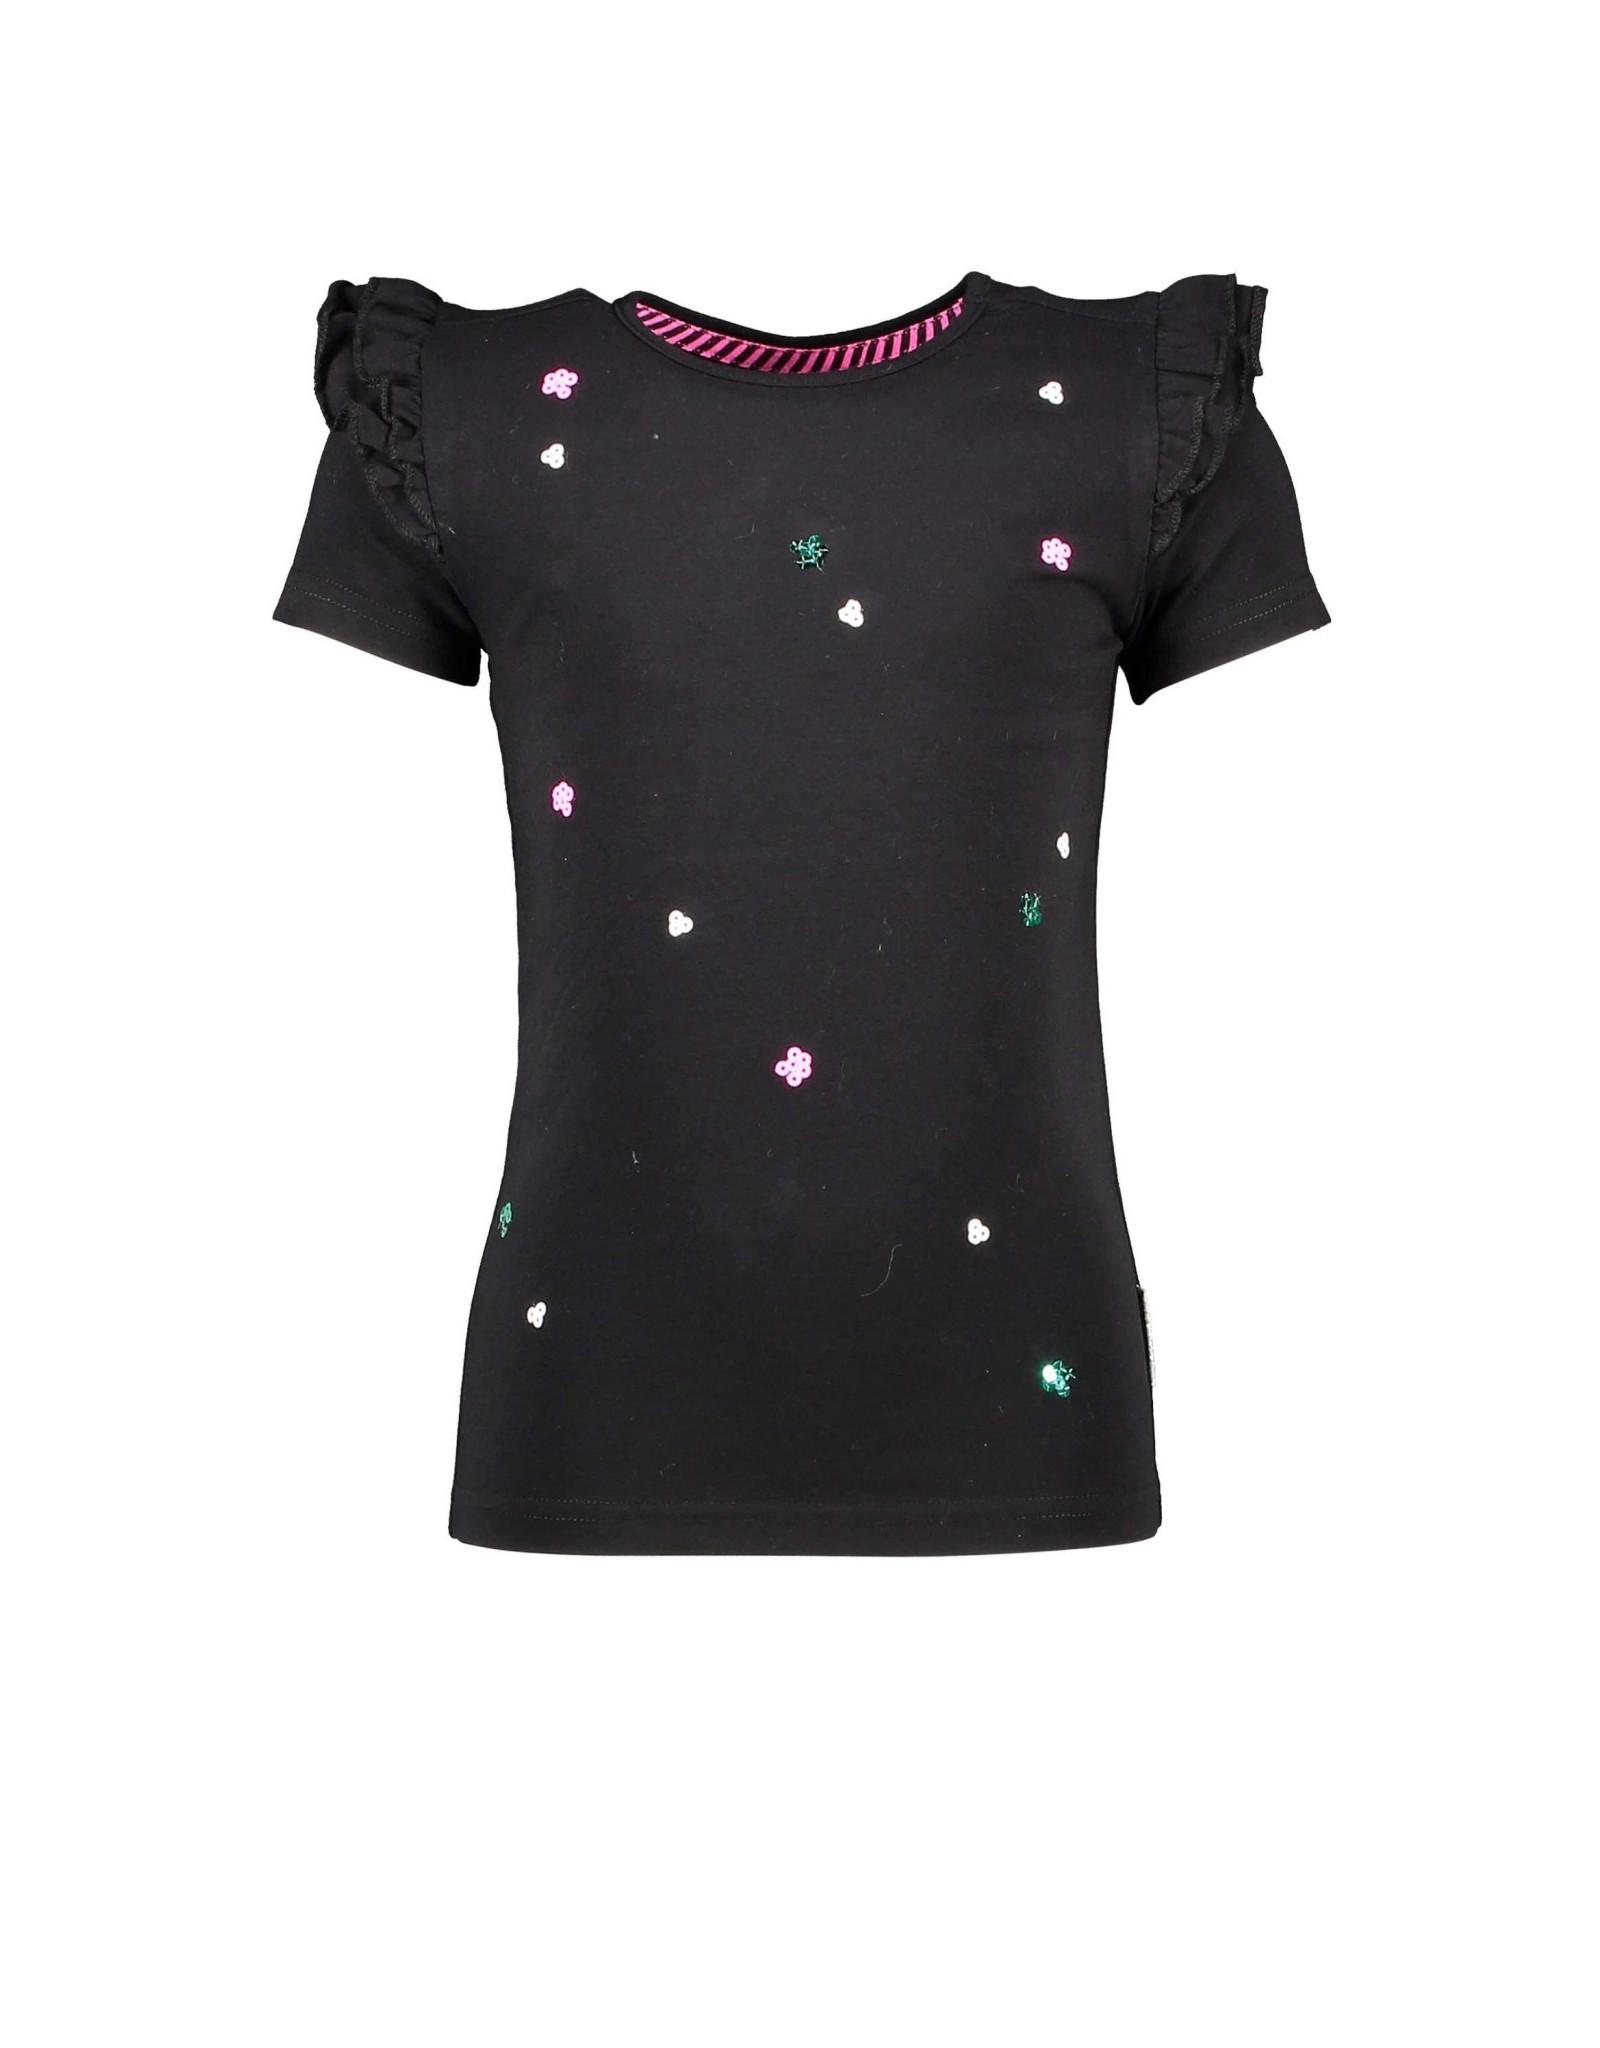 B.Nosy B.Nosy meisjes t-shirt met pailletjes en roesels Black